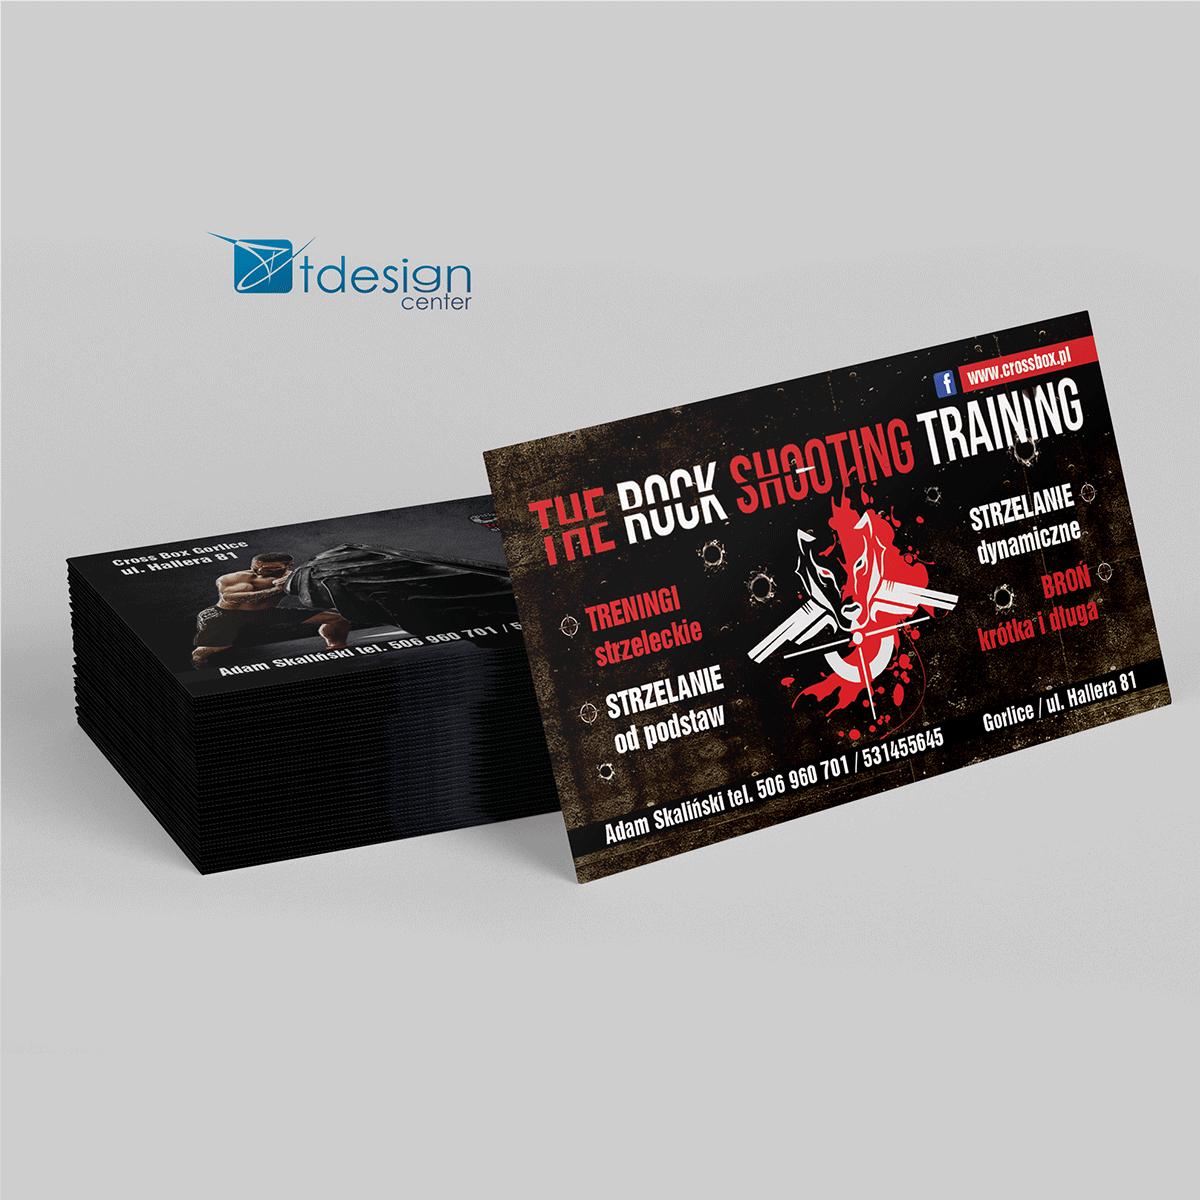 Wizytówki 90x50mm, projekt + druk, realizacja dla klubu sportowego Cross Box Gorlice